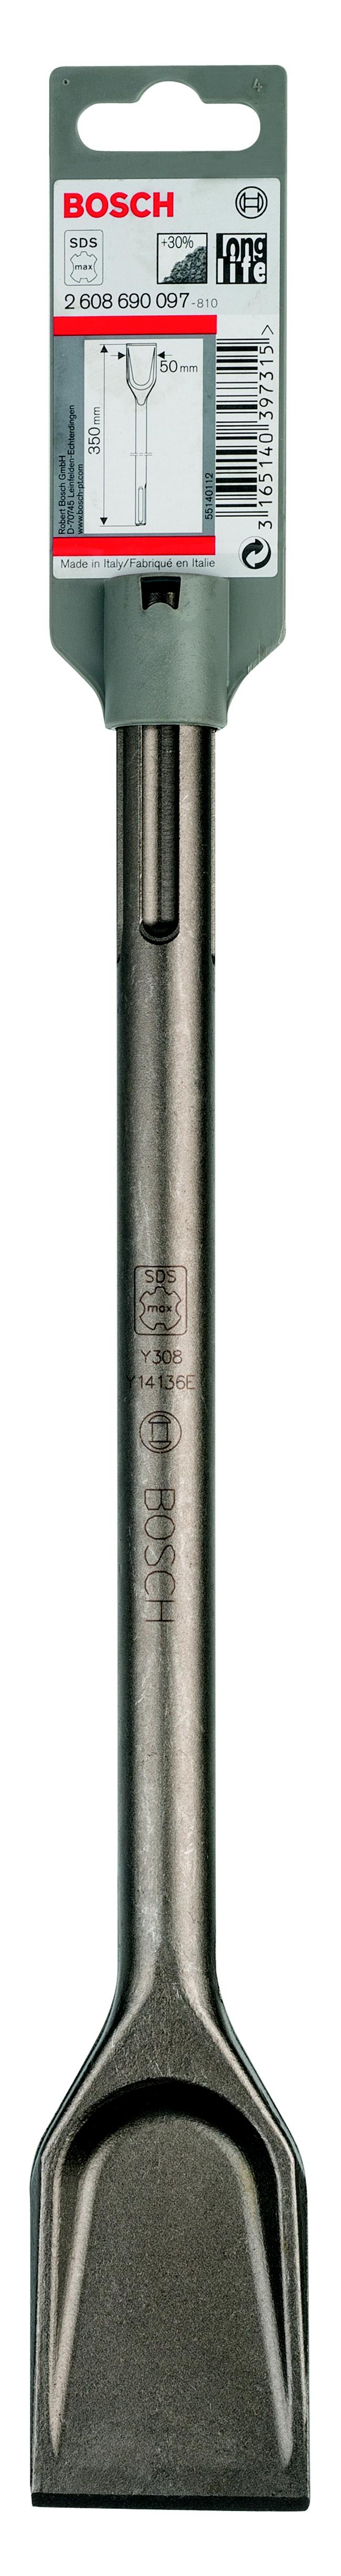 Купить Зубило Bosch Sdsmax 50x350 longlife лопаточное самозатачивающееся (2.608.690.097), Германия